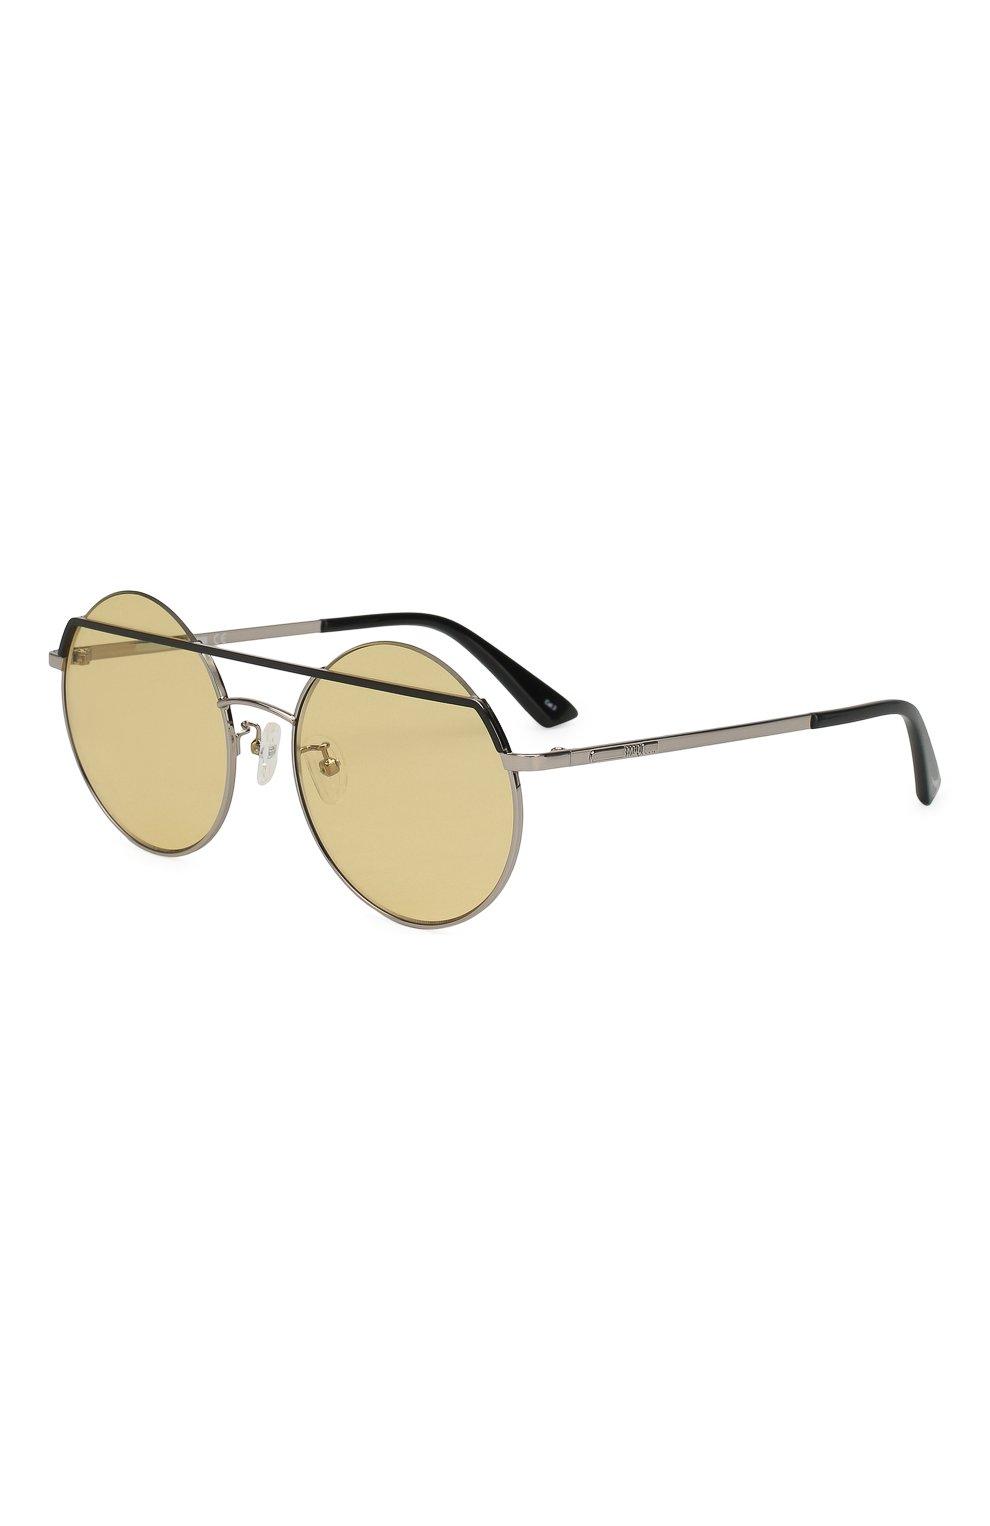 Женские солнцезащитные очки MCQ SWALLOW желтого цвета, арт. MQ0164 003 | Фото 1 (Очки форма: Круглые; Тип очков: С/з; Статус проверки: Проверено, Проверена категория)